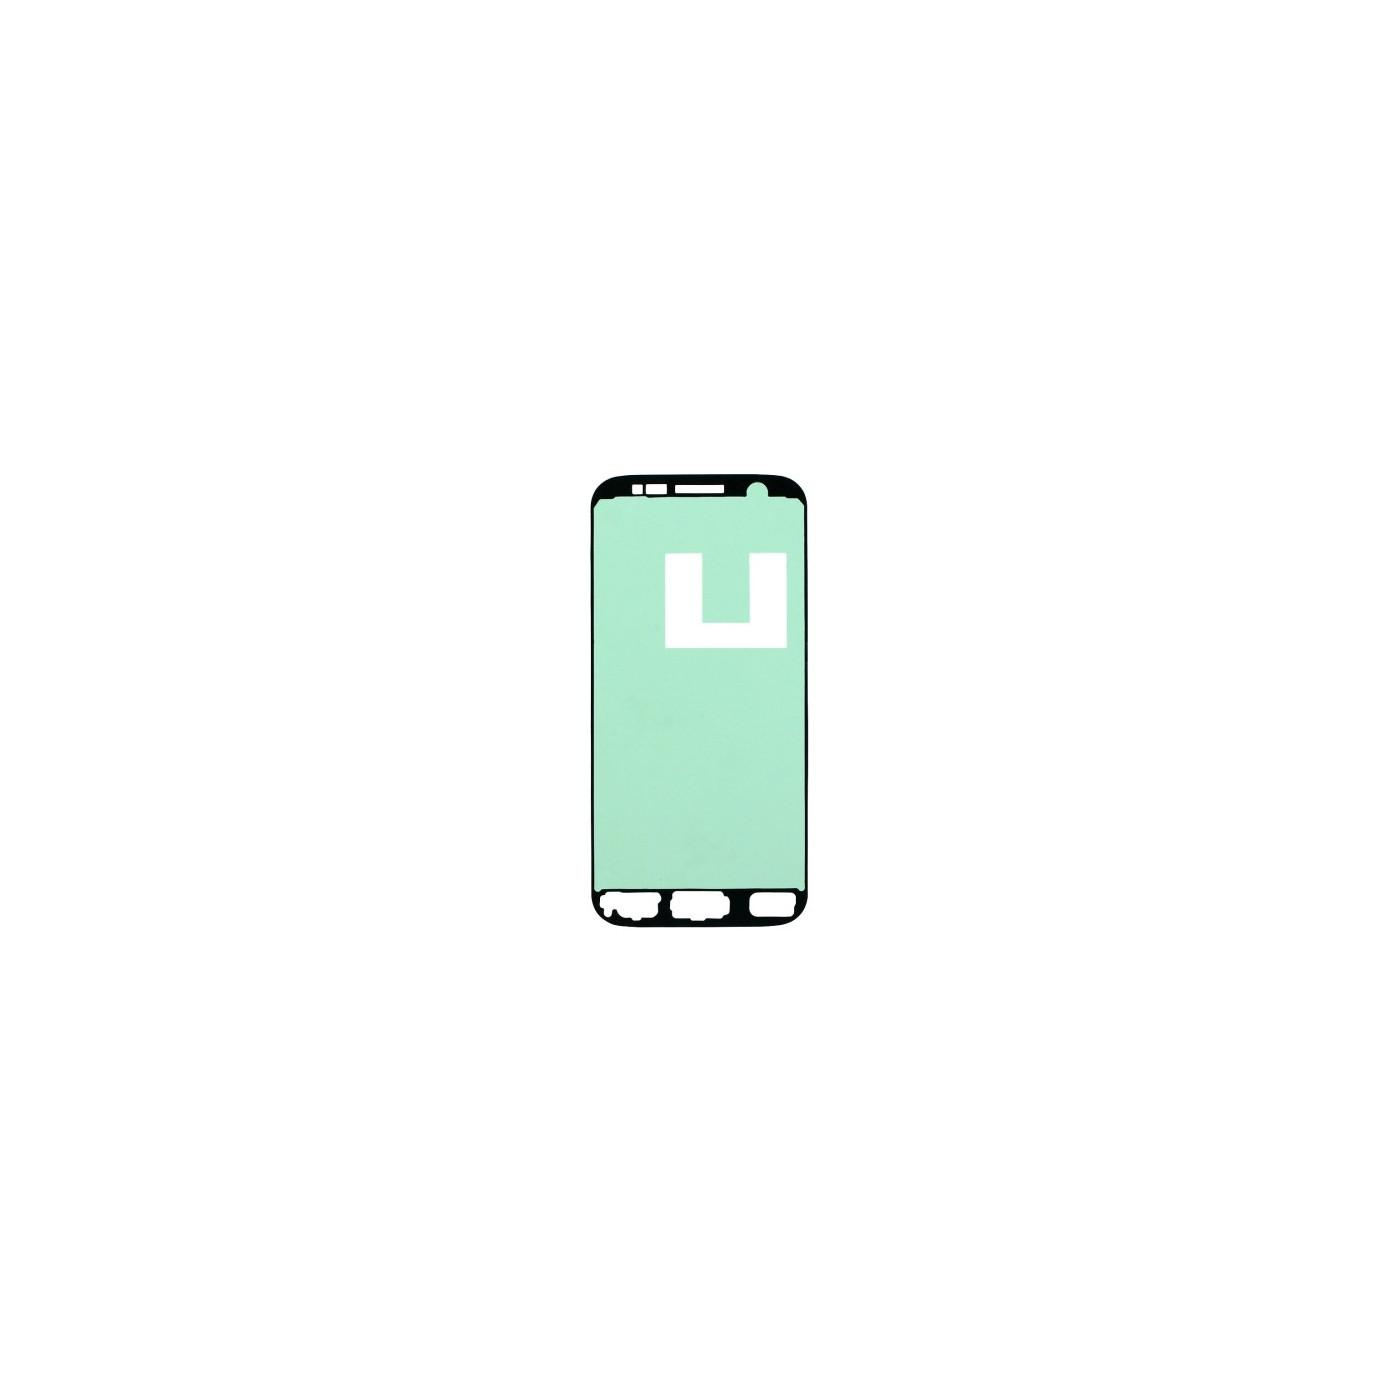 Écran autocollant en verre adhésif pour Samsung Galaxy S7 G930F